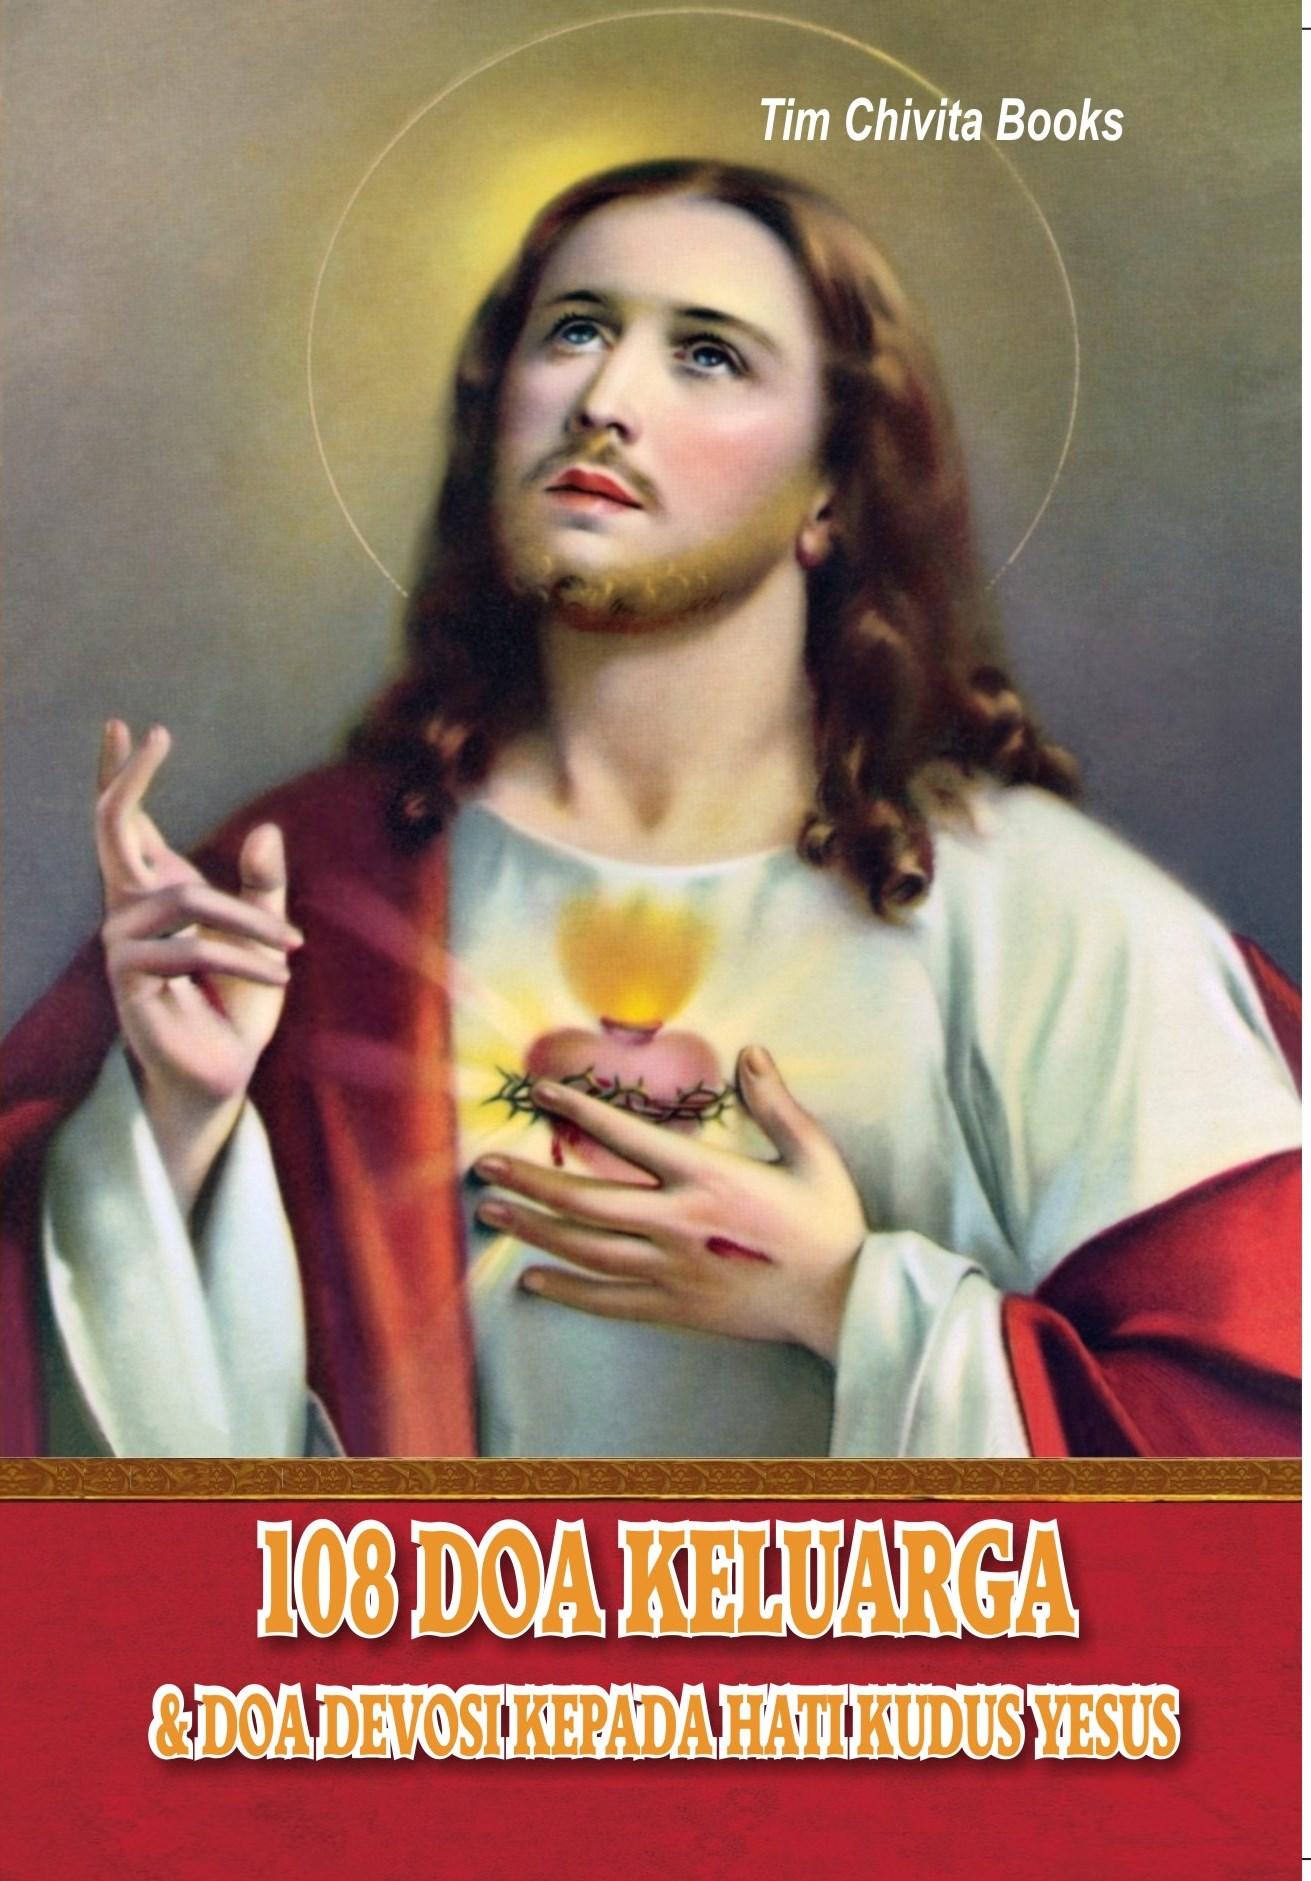 buku doa rohani katolik5 - buku doa keluarga katolik